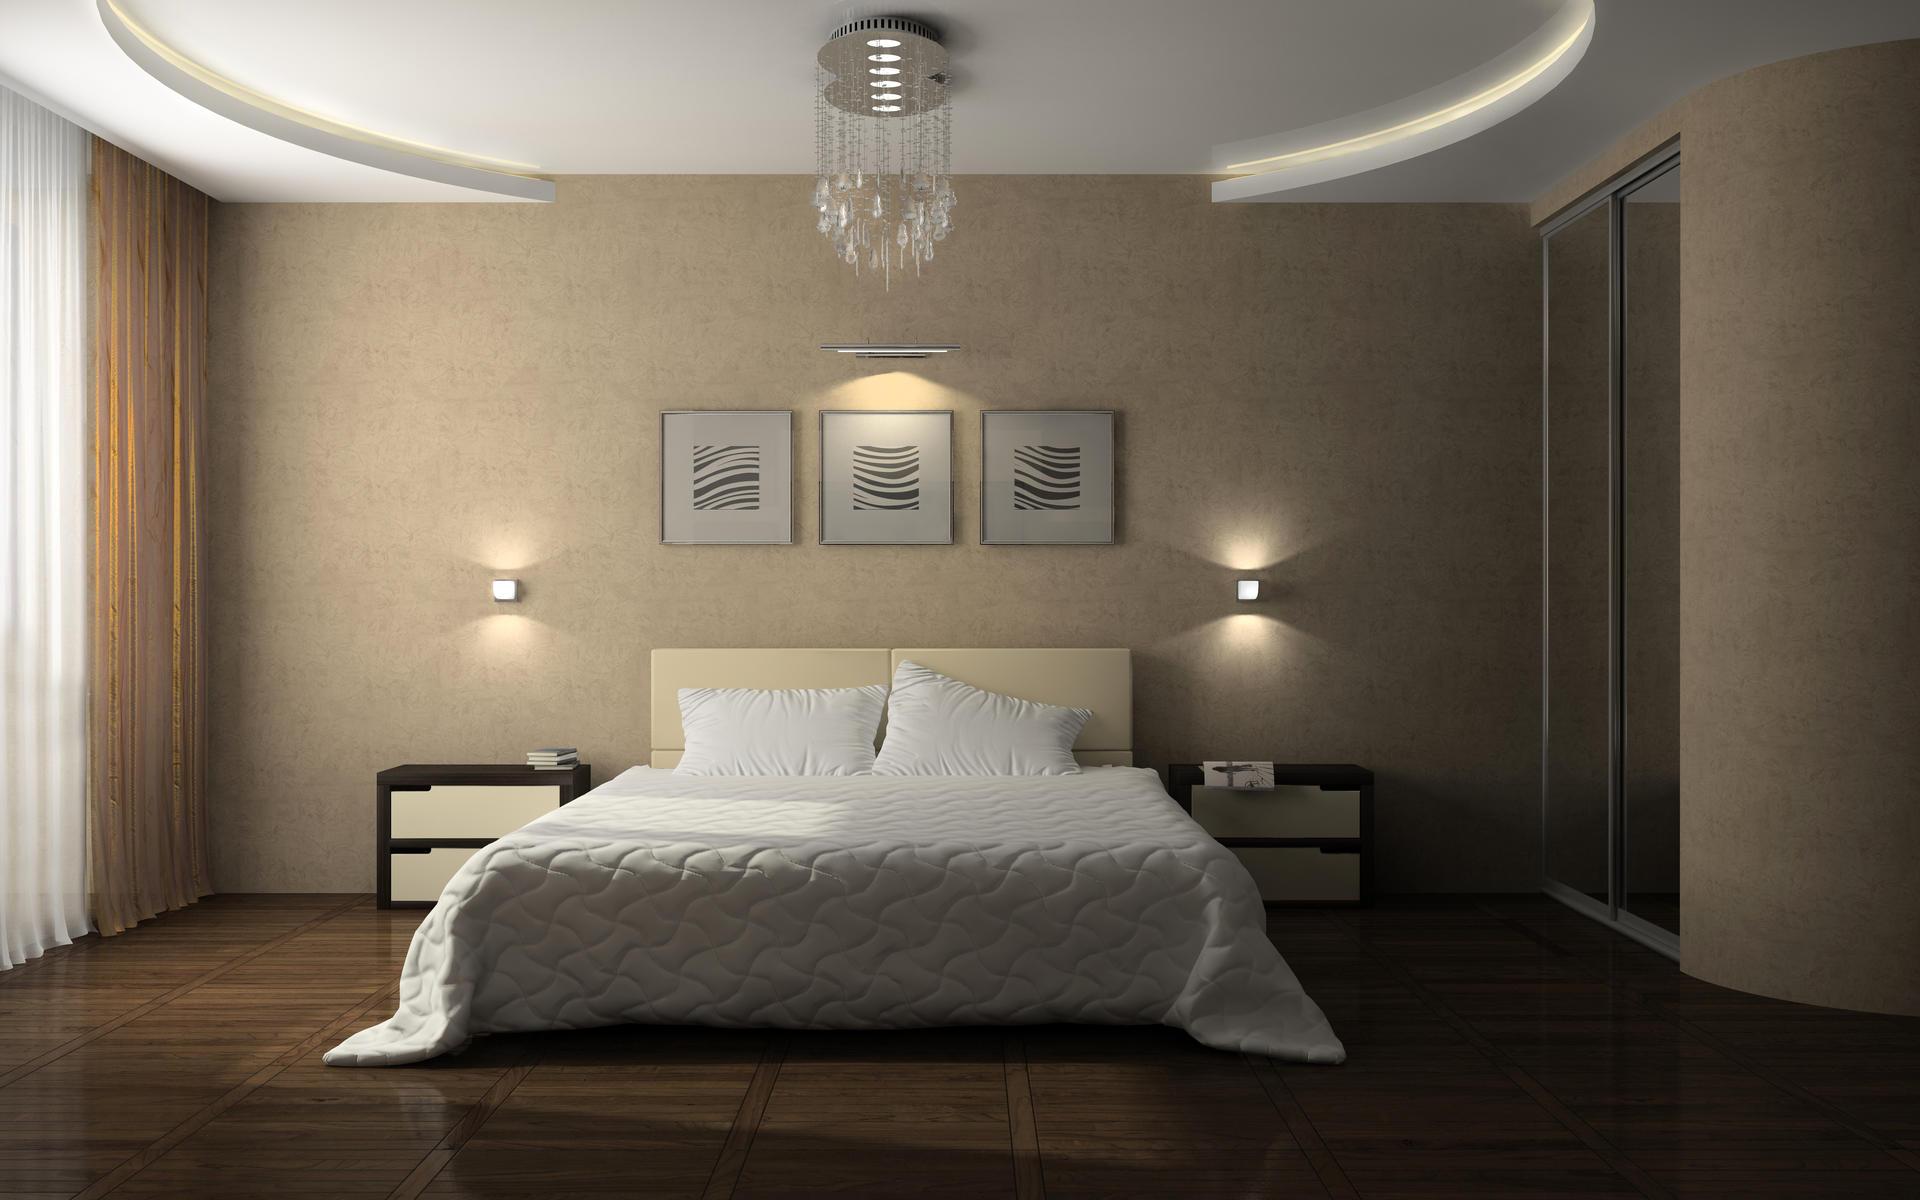 Красивые натяжные потолки для спальни